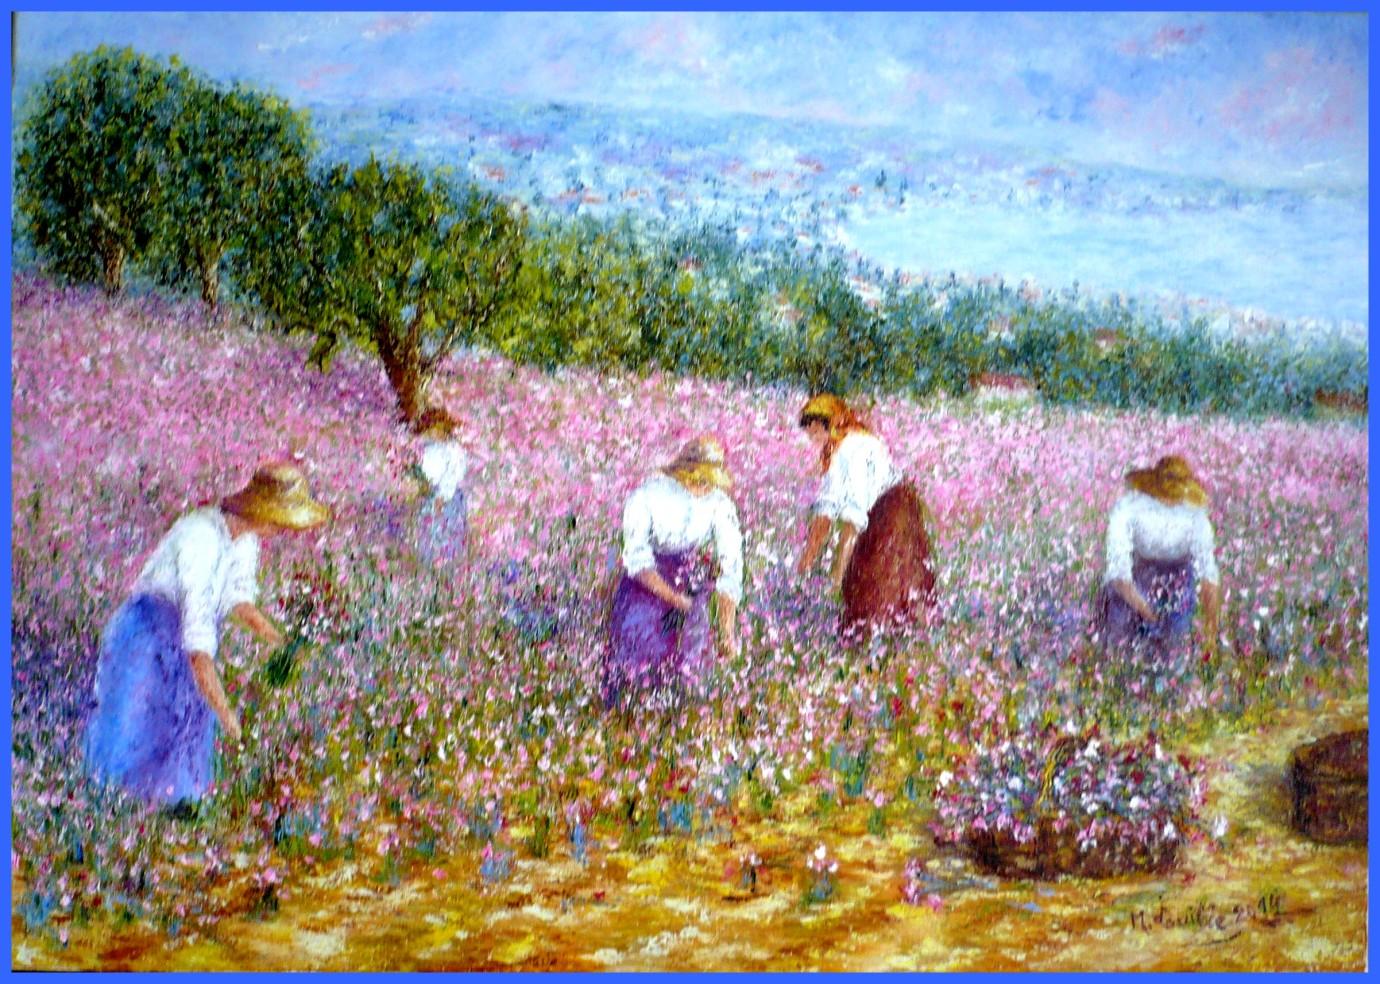 La cueillette des oeillets à Nice autrefois   65x46   2014 (1)